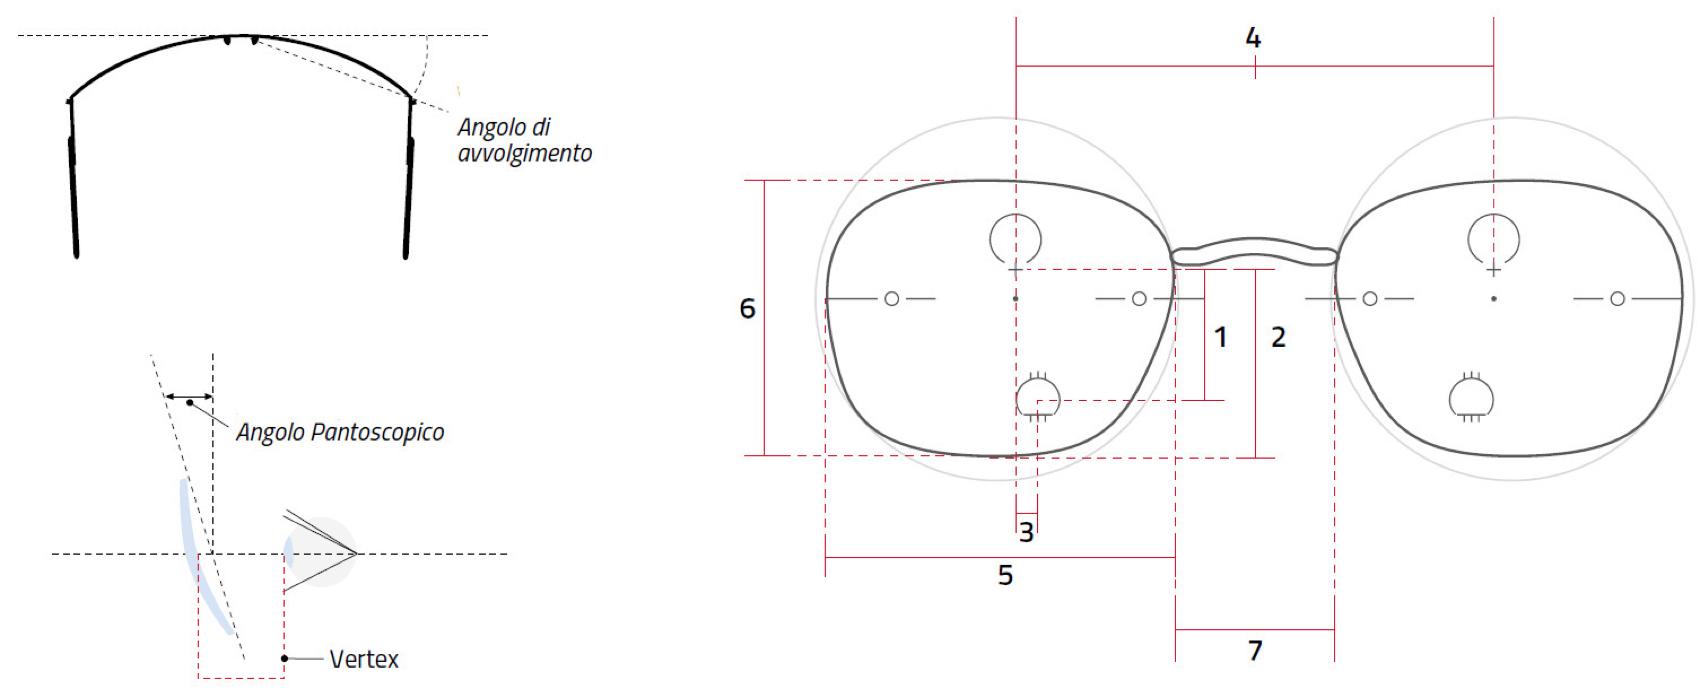 parametri-personalizzati_angolo-pantoscopico